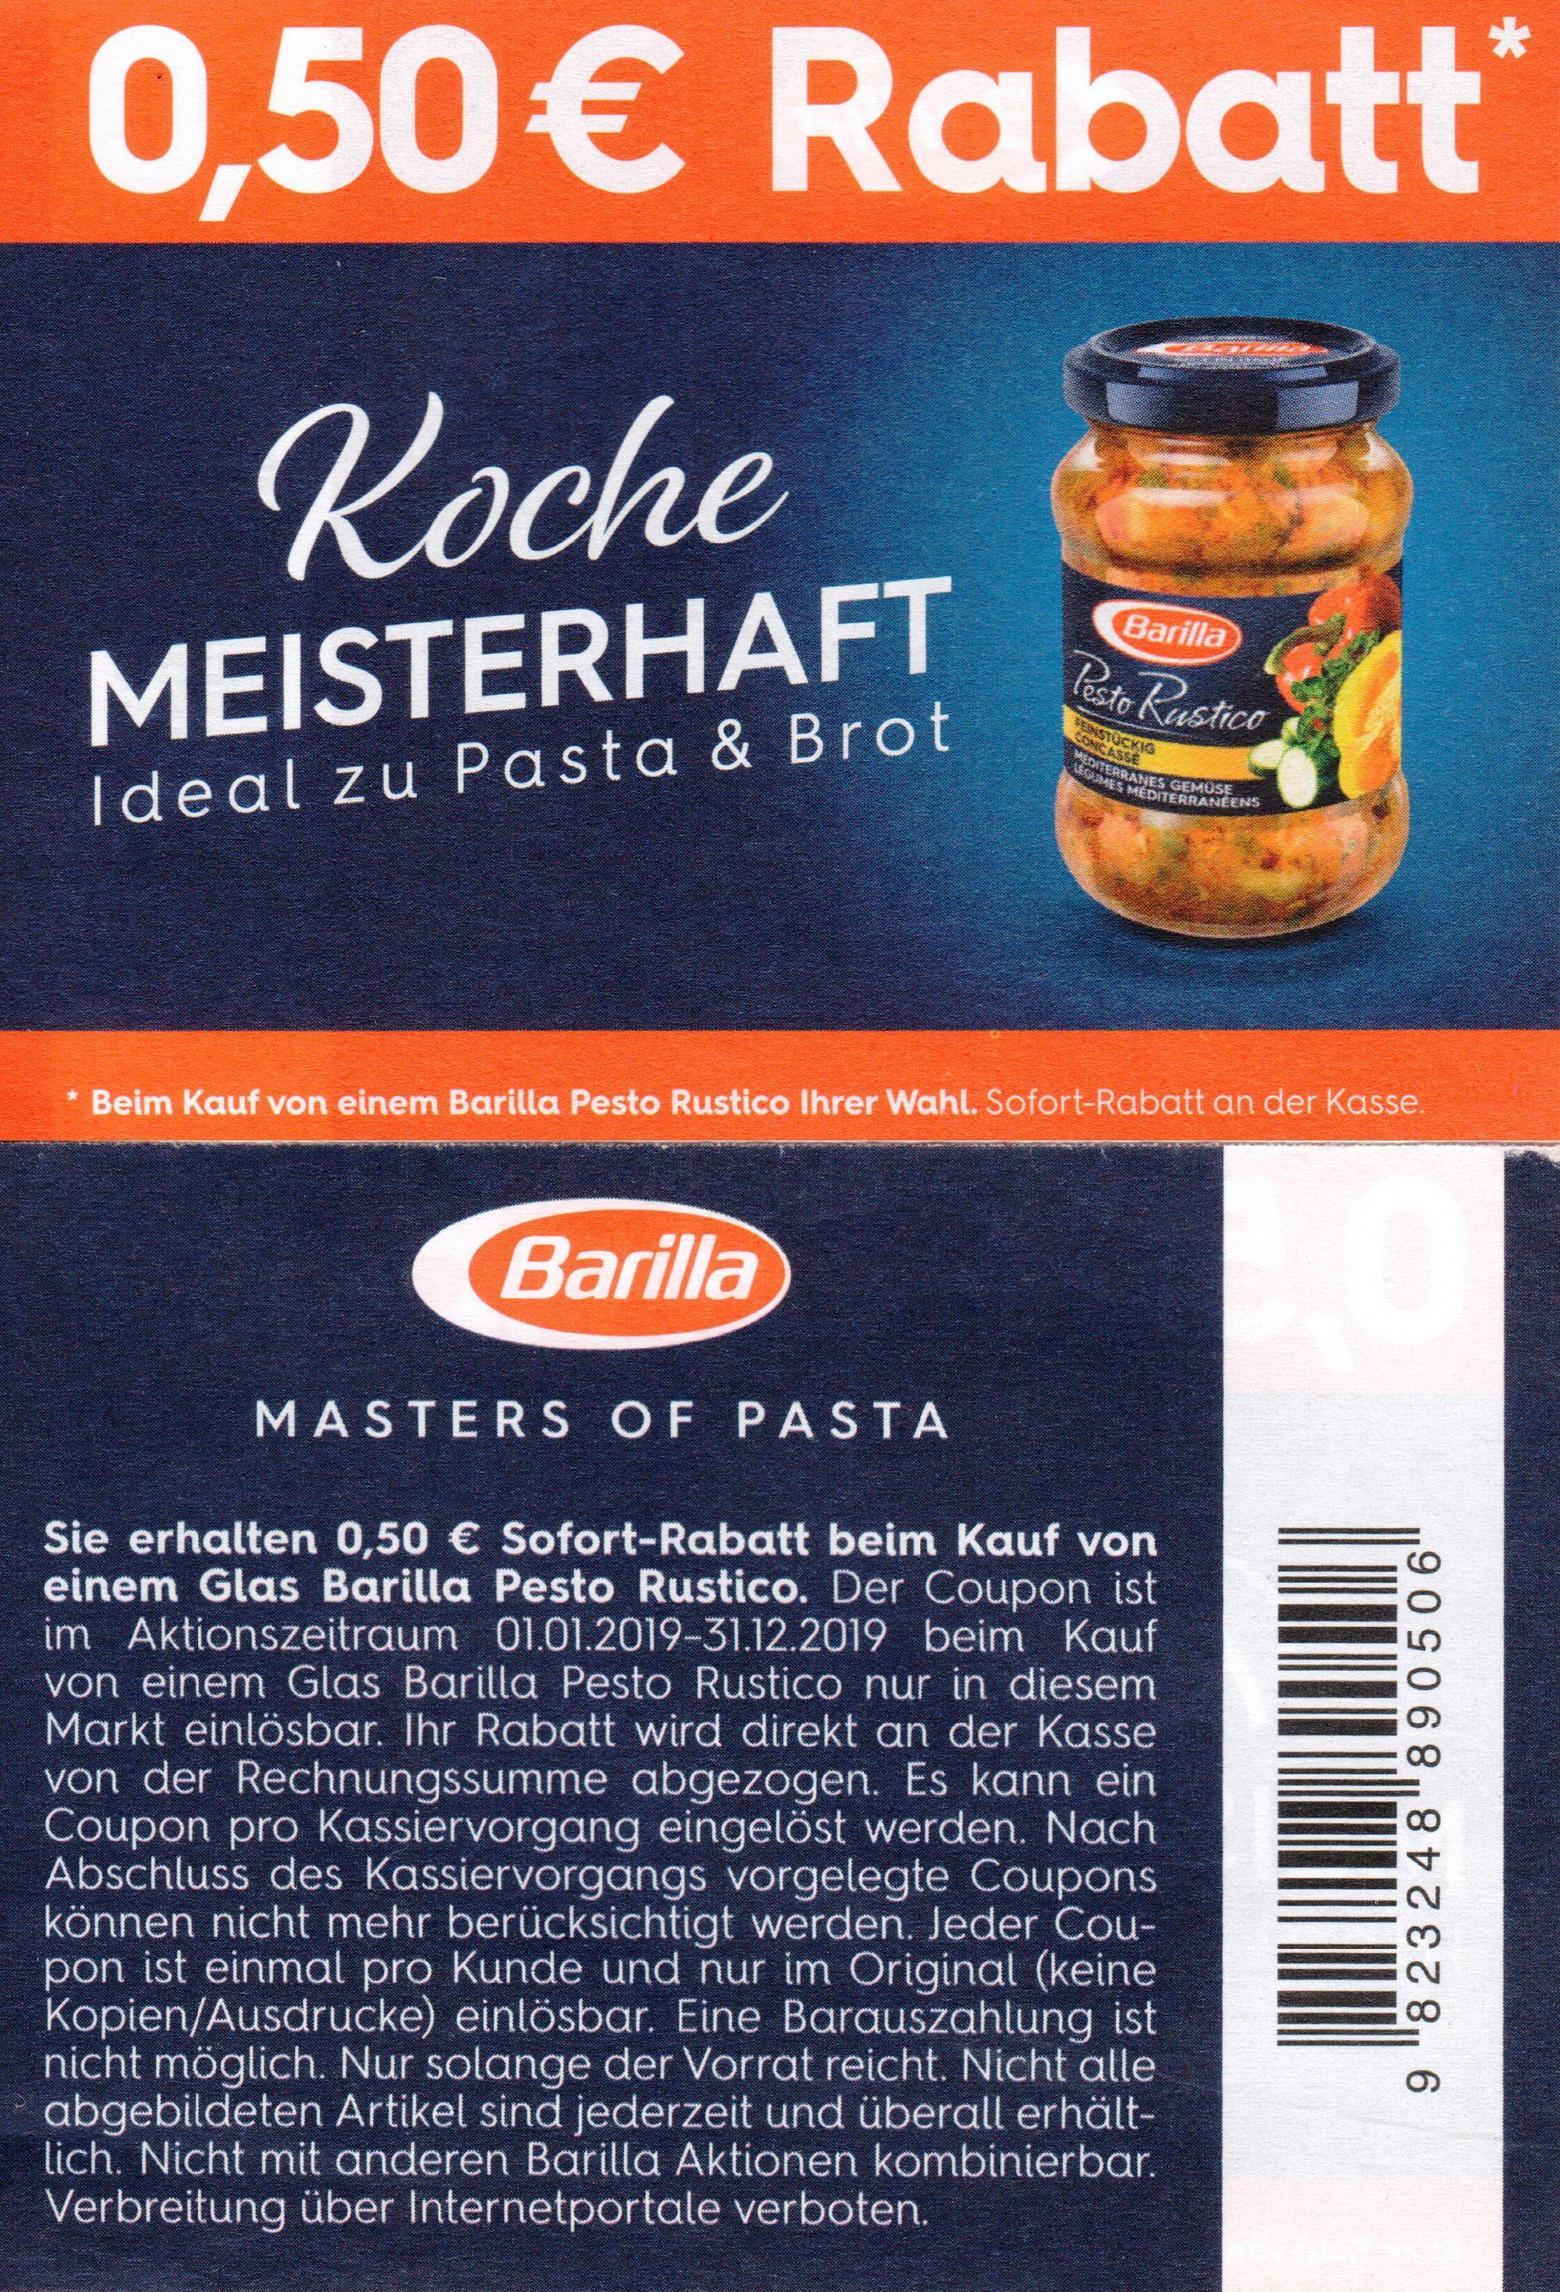 0,50€ / 1,00€ Coupons für Barilla Academia / Pasta & Sauce Set / Pesto Rustico bis 31.12.2019